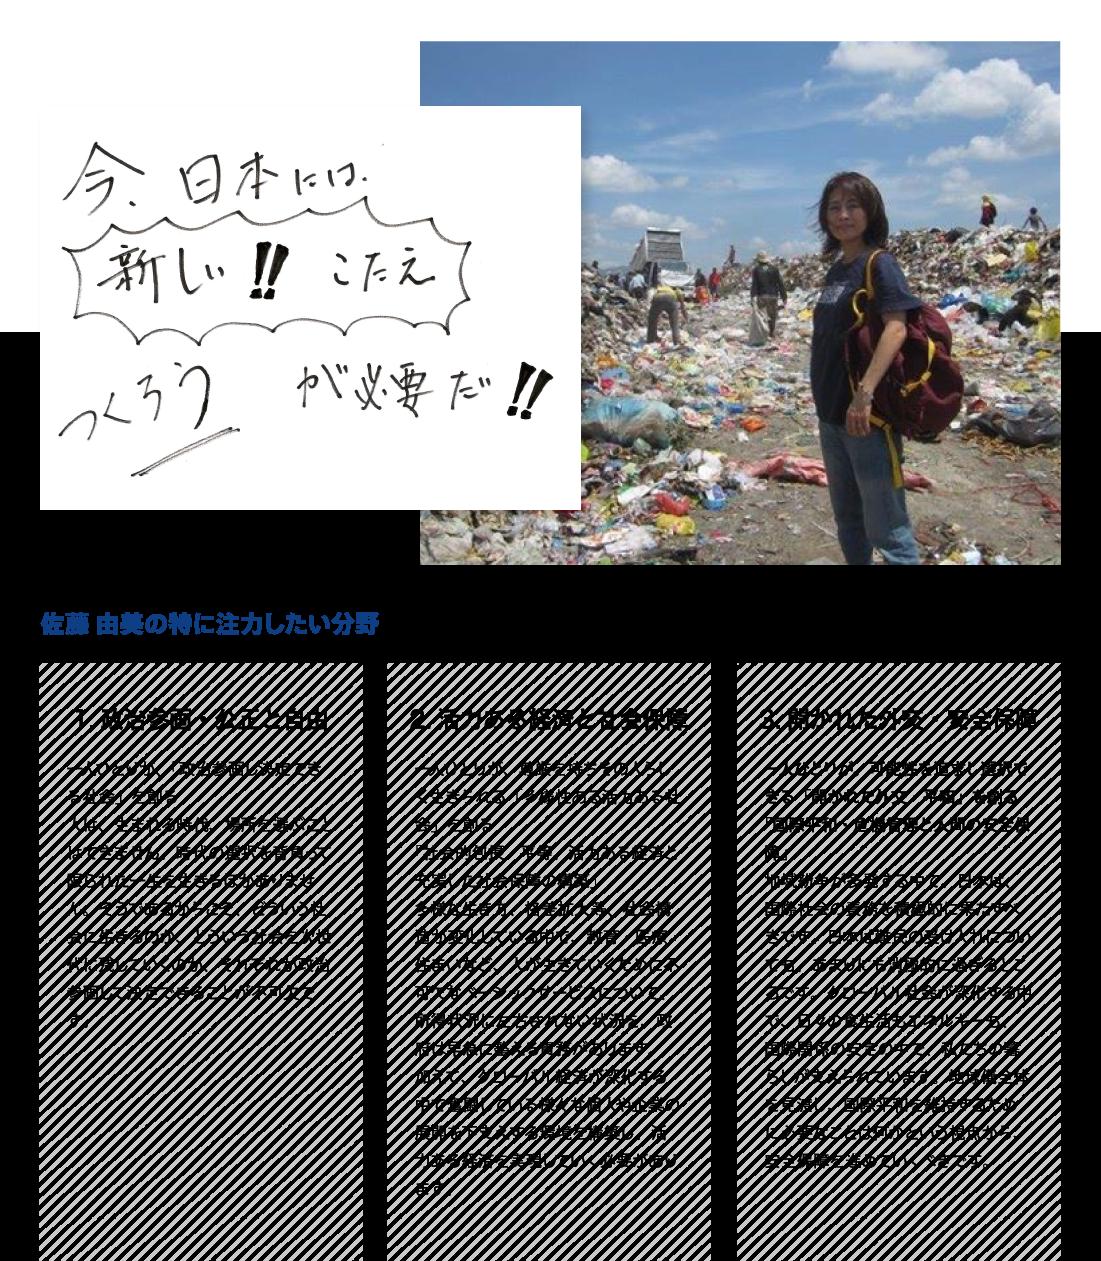 ●今日本には「つくろう、新しい答え」が必要だ! ●佐藤由美が特に注力したい分野:政治参画・公正と自由「一人ひとりが、「政治参画し決定できる社会」を創る。人は、生まれる時代、場所を選ぶことはできません。時代の選択を背負って限られた一生を生きるほかありません。そうであるからこそ、どういう社会に生きるのか、どういう社会を次世代に残していくのか、それぞれが政治参画して決定できることが不可欠です。」、活力ある経済と社会保障「一人ひとりが、尊厳を持ちその人らしく生きられる「多様性ある活力ある社会」を創る。「社会的包摂・平等、活力ある経済と充実した社会保障の構築」多様な生き方、格差拡大等社会構造が変化している中で、教育・医療・住まいなど、人が生きていくために不可欠なベーシックサービスについて、所得状況に左右されない状況を、政府は早急に整える責務があります。加えて、グローバル経済が深化する中で奮闘している様々な個人や企業の展開を下支えする環境を構築し、活力ある経済を実現していく必要があります。」開かれた外交・安全保障「一人ひとりが、可能性を追求し選択できる「開かれた外交・平和」を創る。「国際平和・危機管理と人間の安全保障」グローバル社会が深化する中で、日々の食生活もエネルギーも、国際関係の安定の中で、私たちの暮らしが支えられています。地球儀全体を見渡し、国際平和を維持するために必要なことは何かという視点から、安全保障を進めていくべきです。」